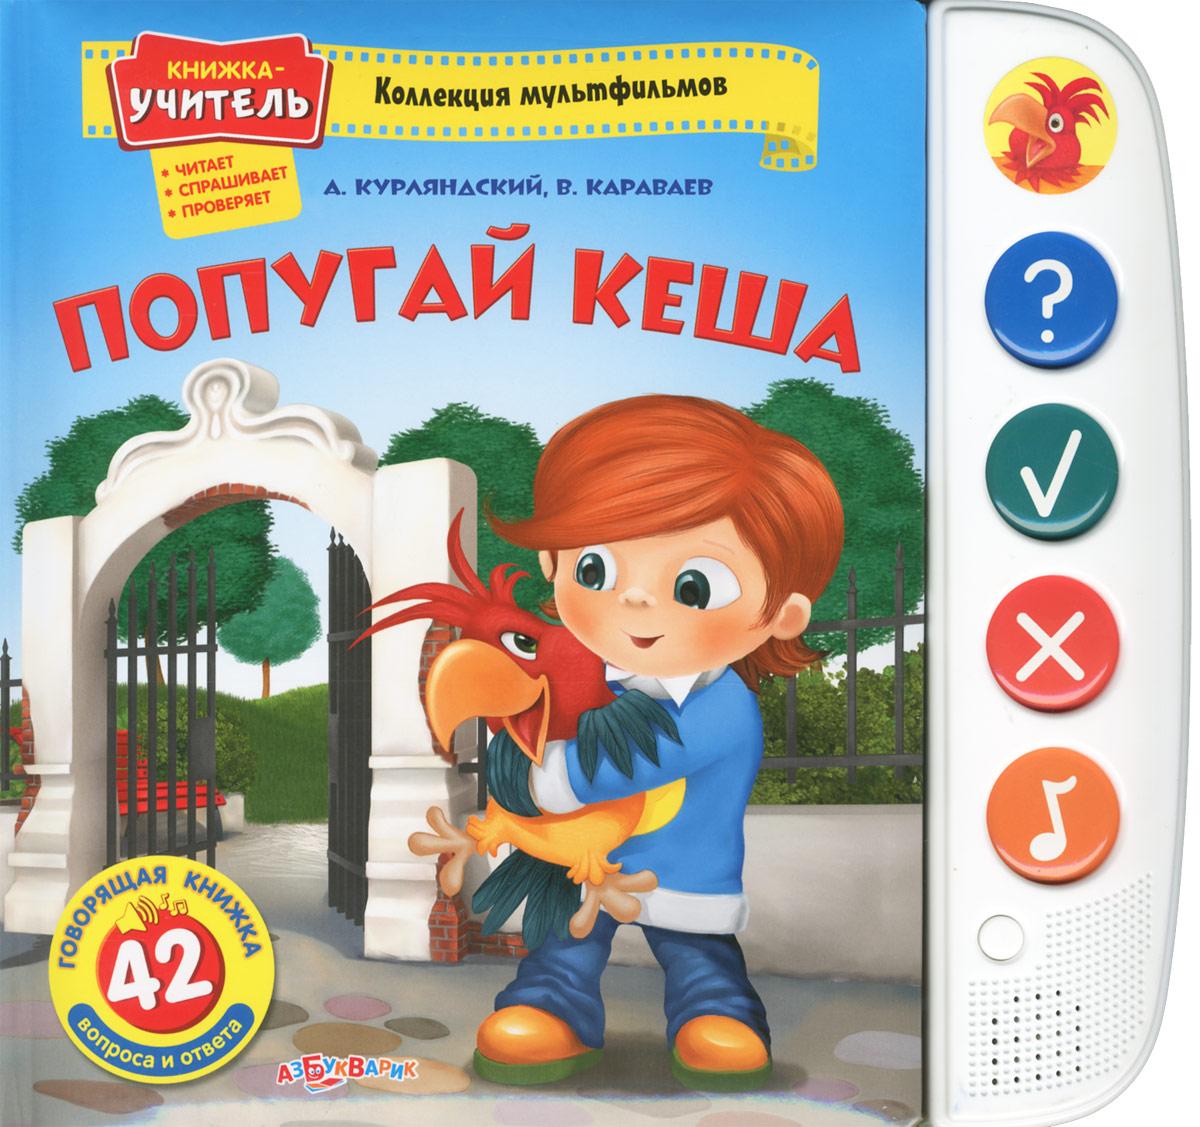 А. Курляндский, В. Караваев Попугай  Кеша. Книжка-игрушка